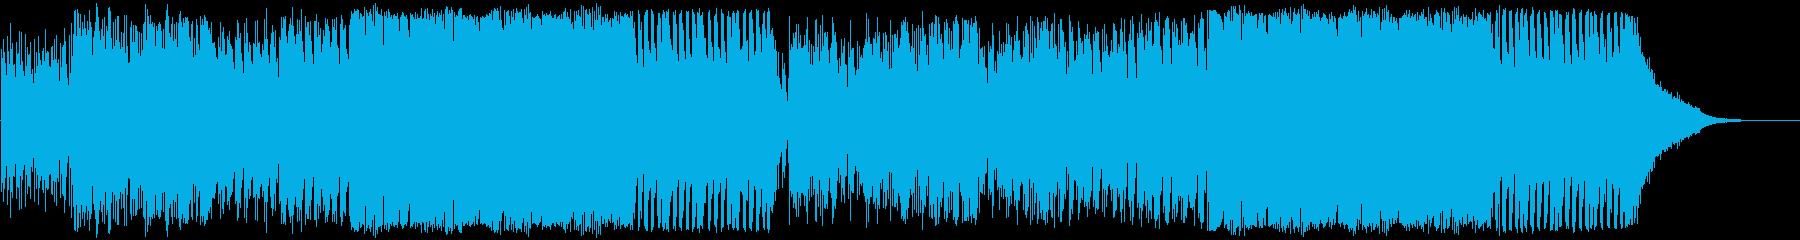 コミカルなクラシック、フルオーケストラの再生済みの波形